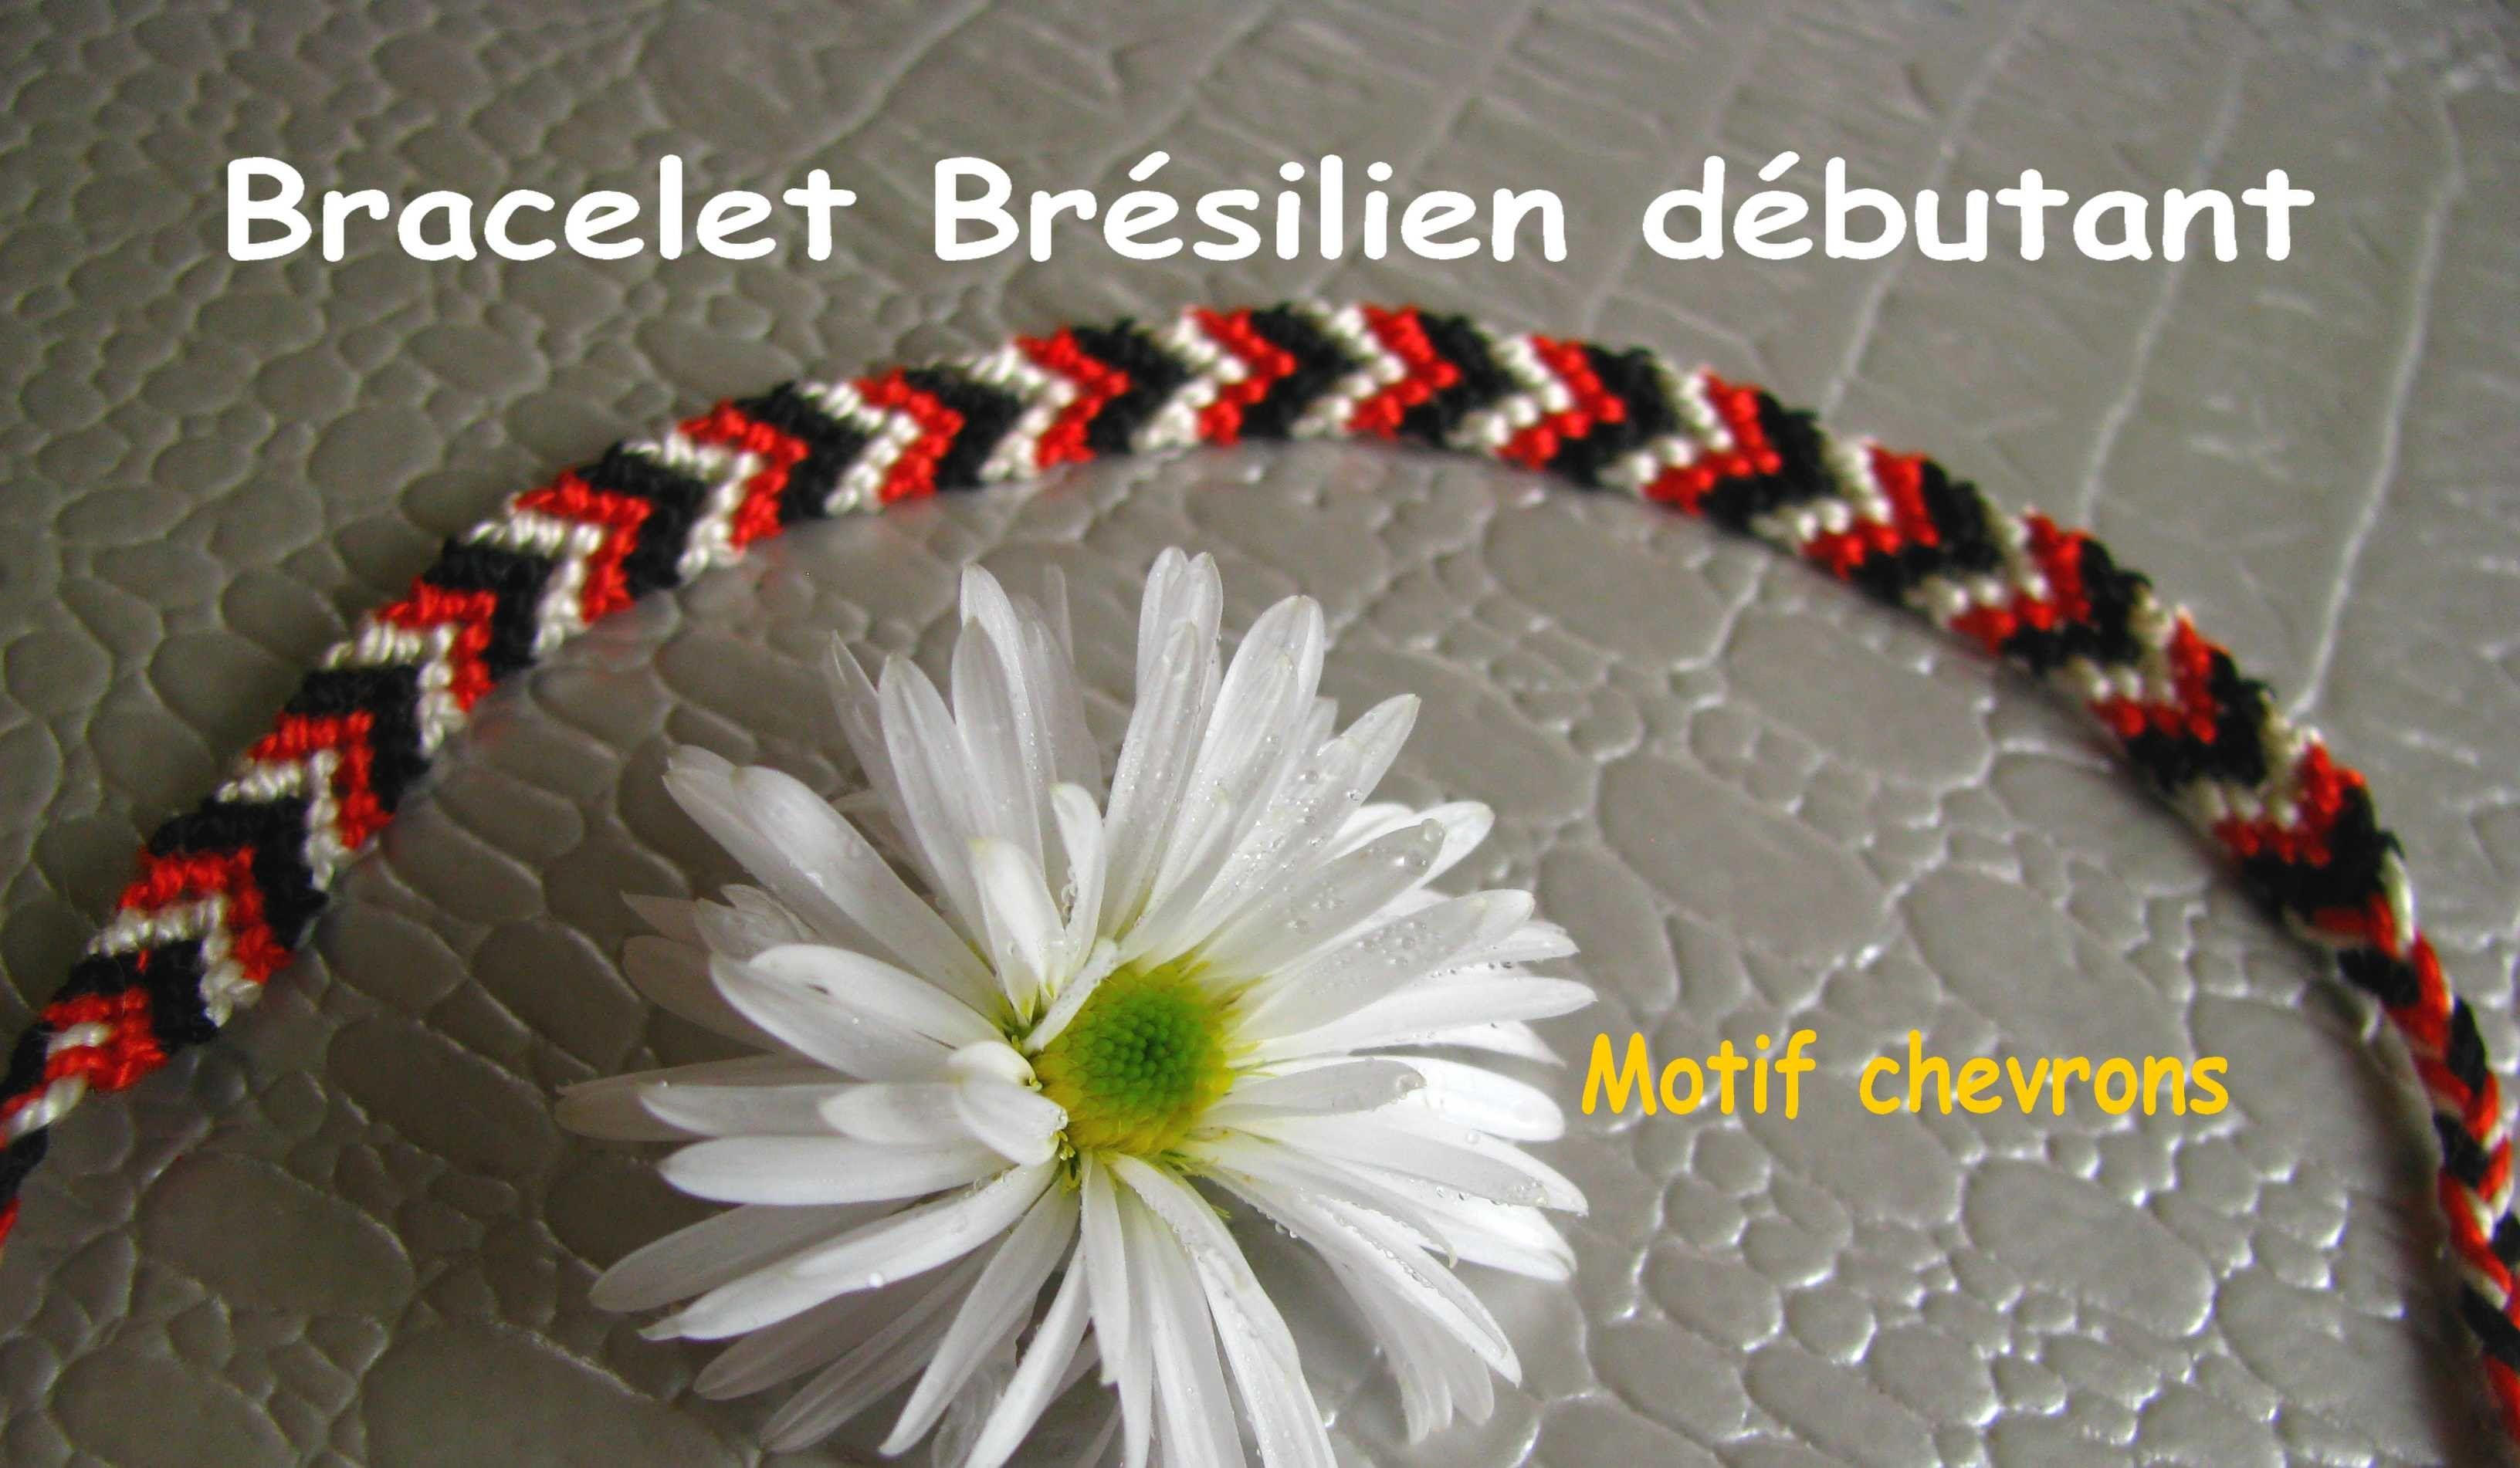 tuto comment faire un bracelet br silien facile en v d butant macram bracelet br silien. Black Bedroom Furniture Sets. Home Design Ideas